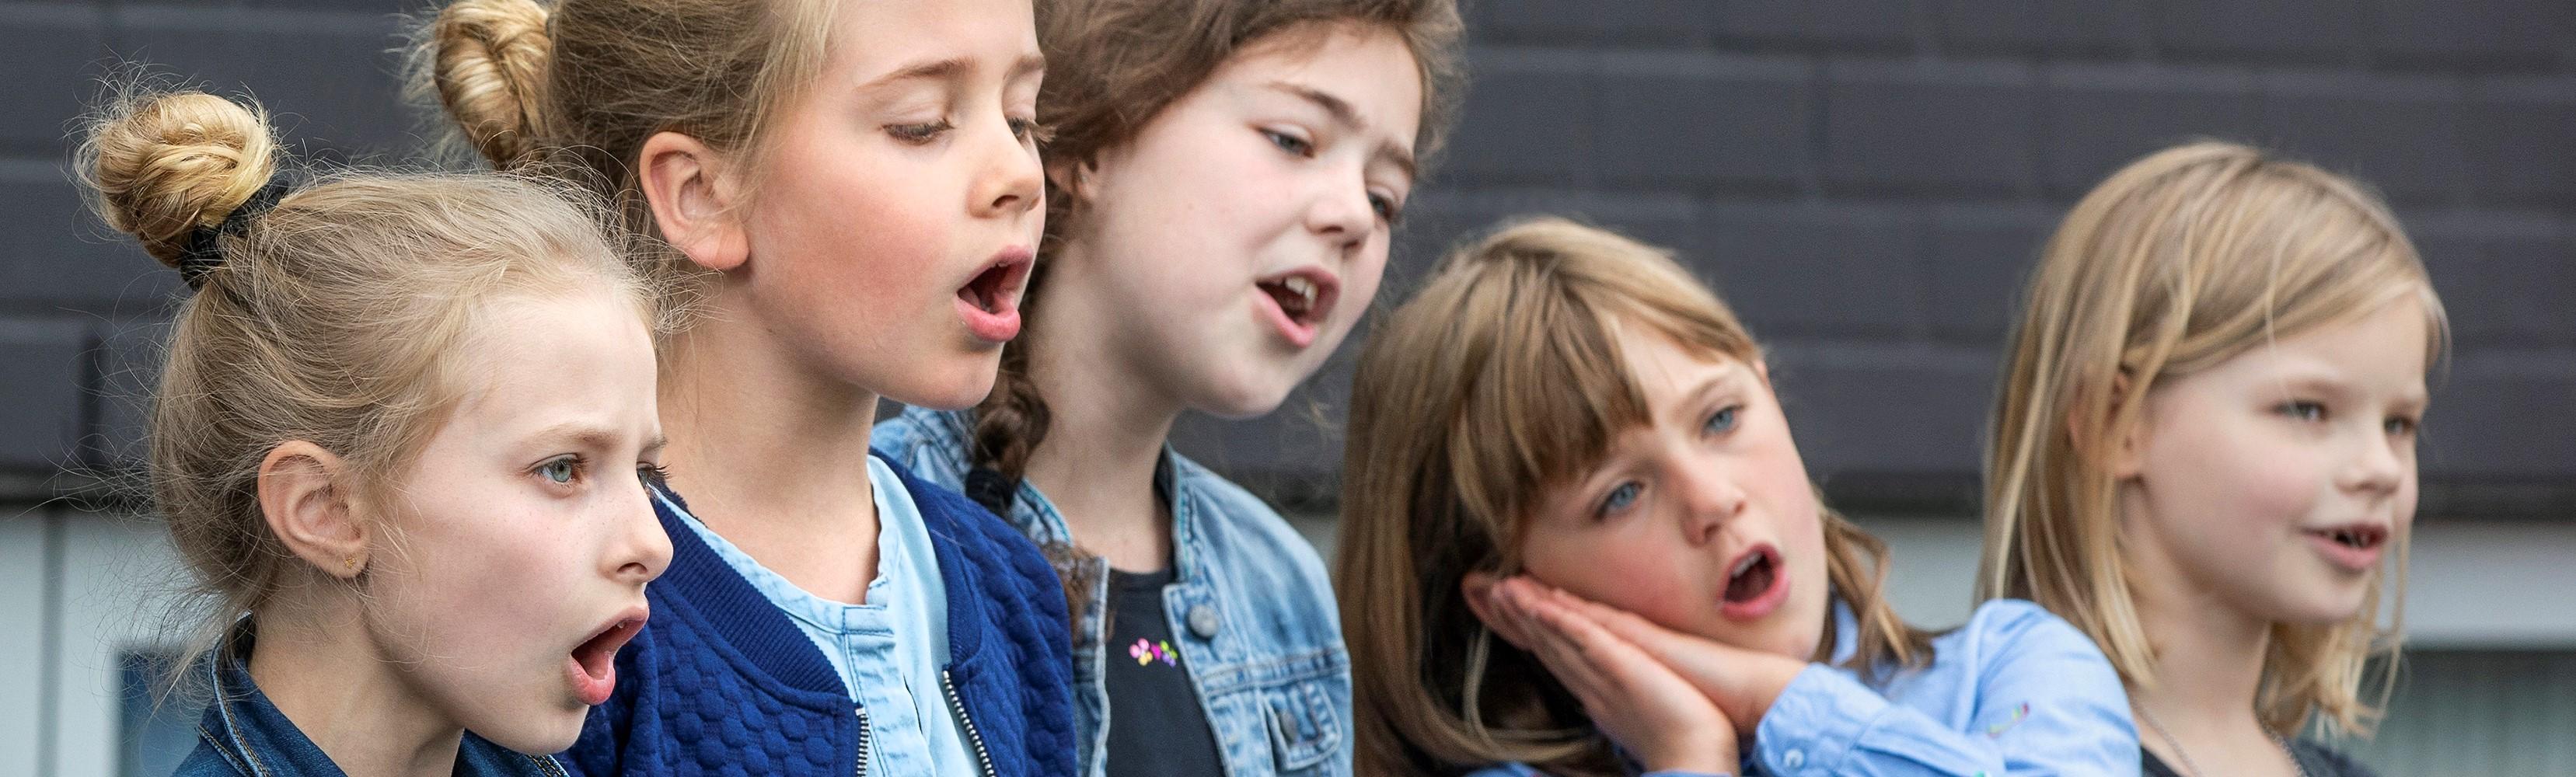 Stedelijk Jeugdkoor Breda: homepage 4